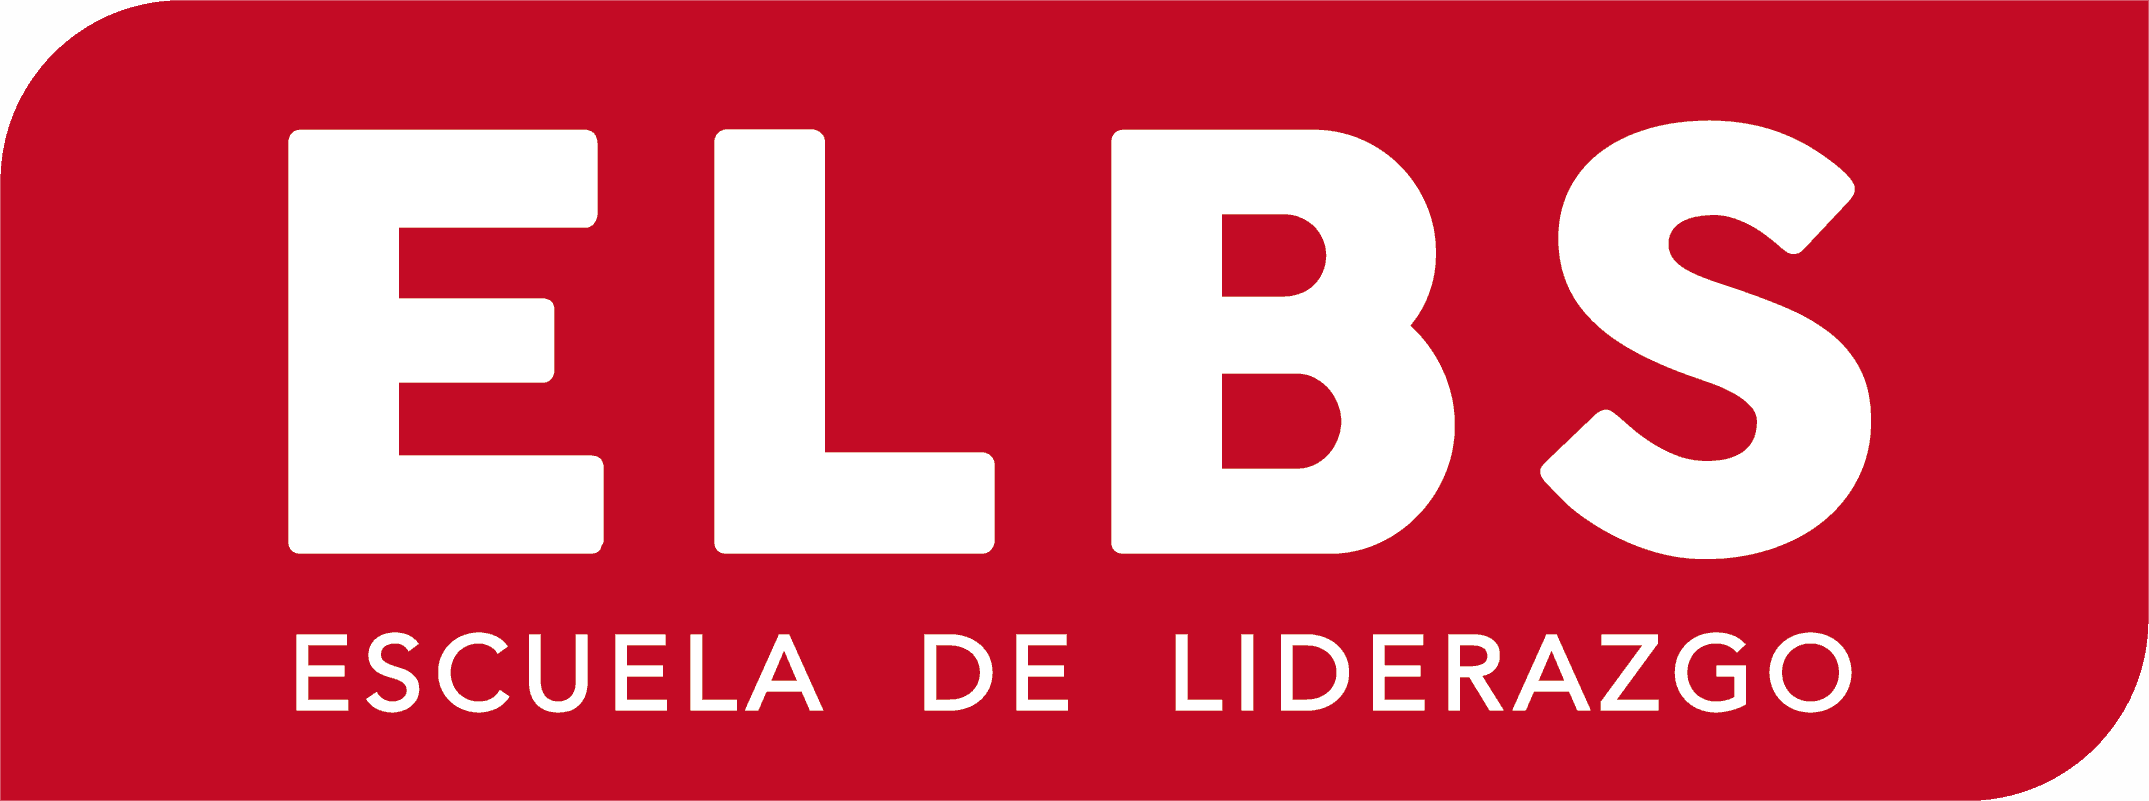 Opiniones Escuela ELBS